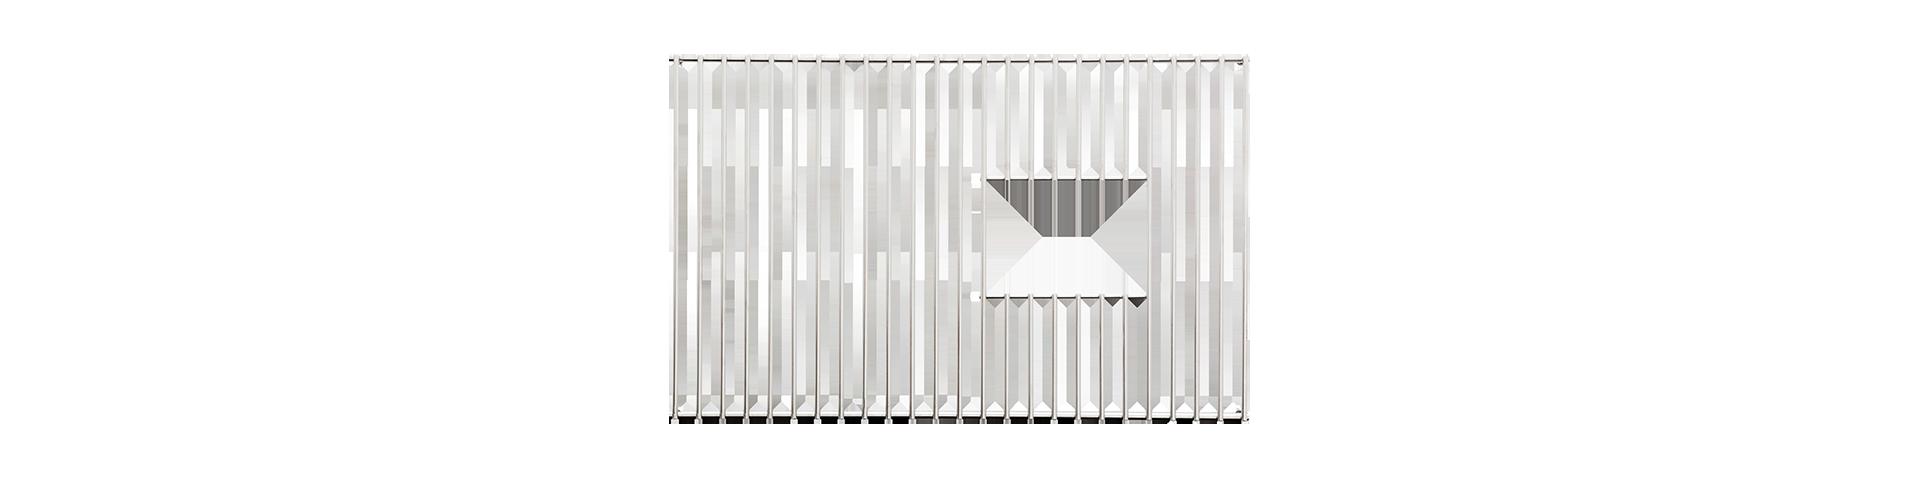 Bottom Grate Set for IWS 30S - BG30S1SS